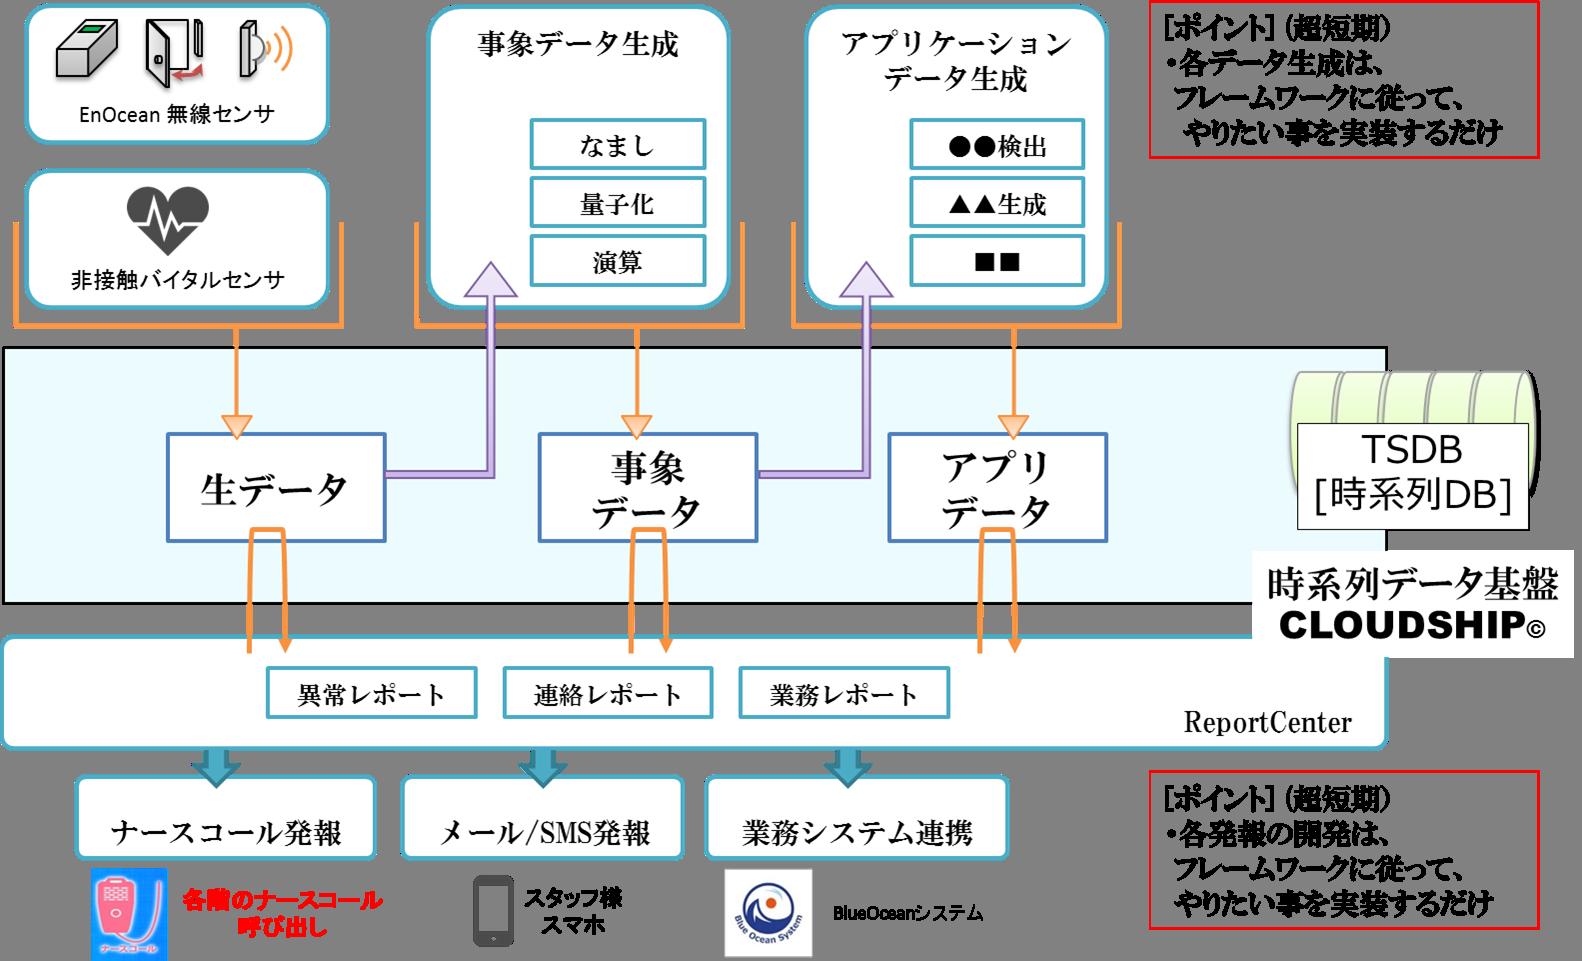 自動検出と発報&連携機能構成